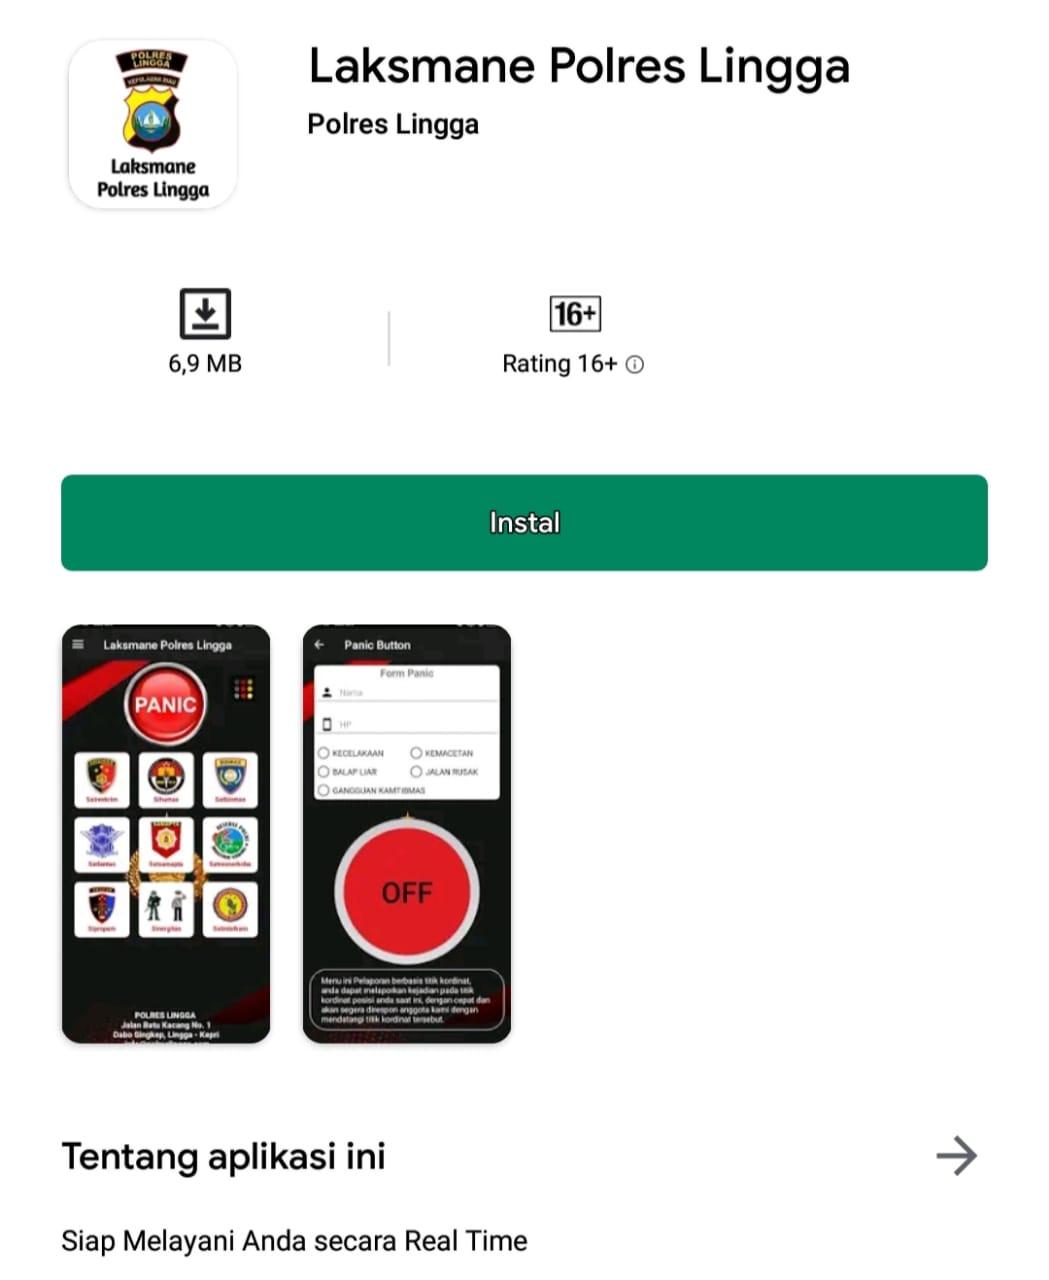 Aplikasi Laksmane Polres Lingga | Foto : Screenshoot